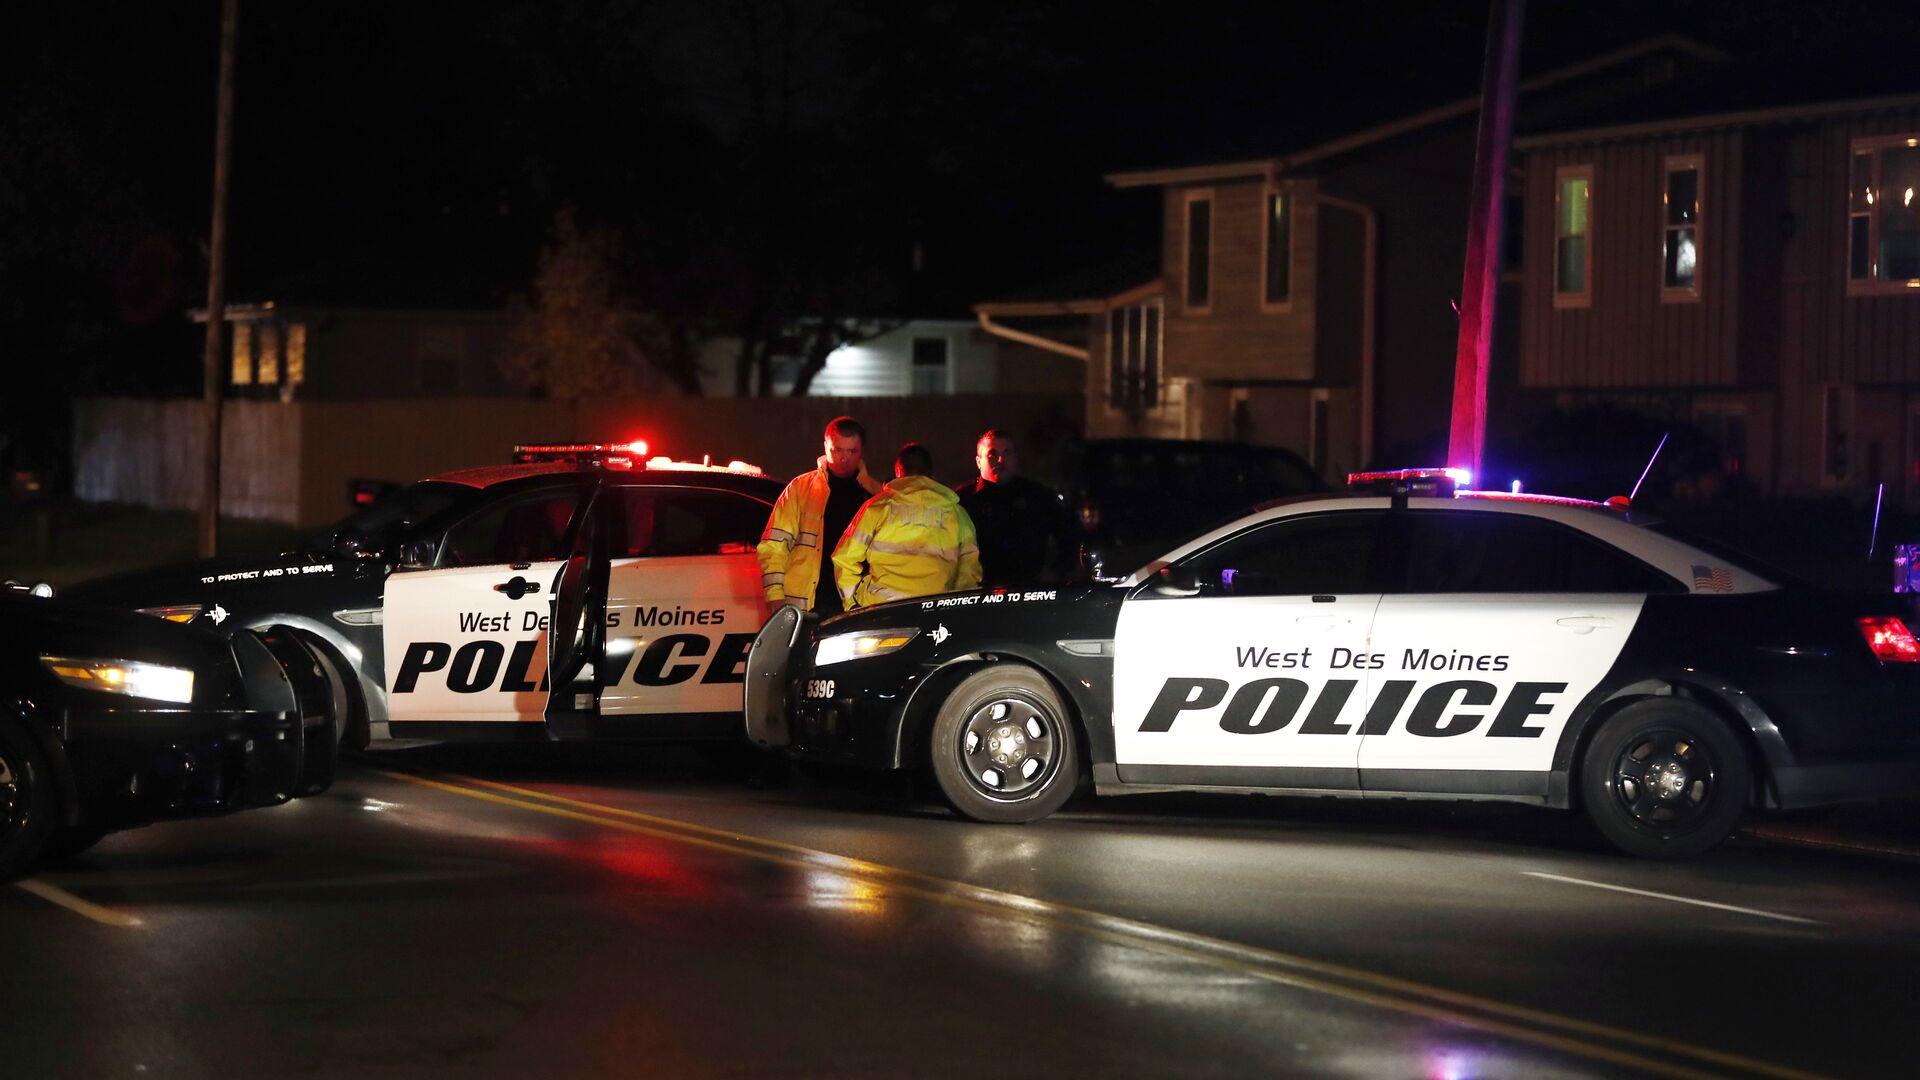 Сотрудники правоохранительных органов на месте нападения на полицейского в штате Айова, США. 2 ноября 2016 - РИА Новости, 1920, 03.03.2021